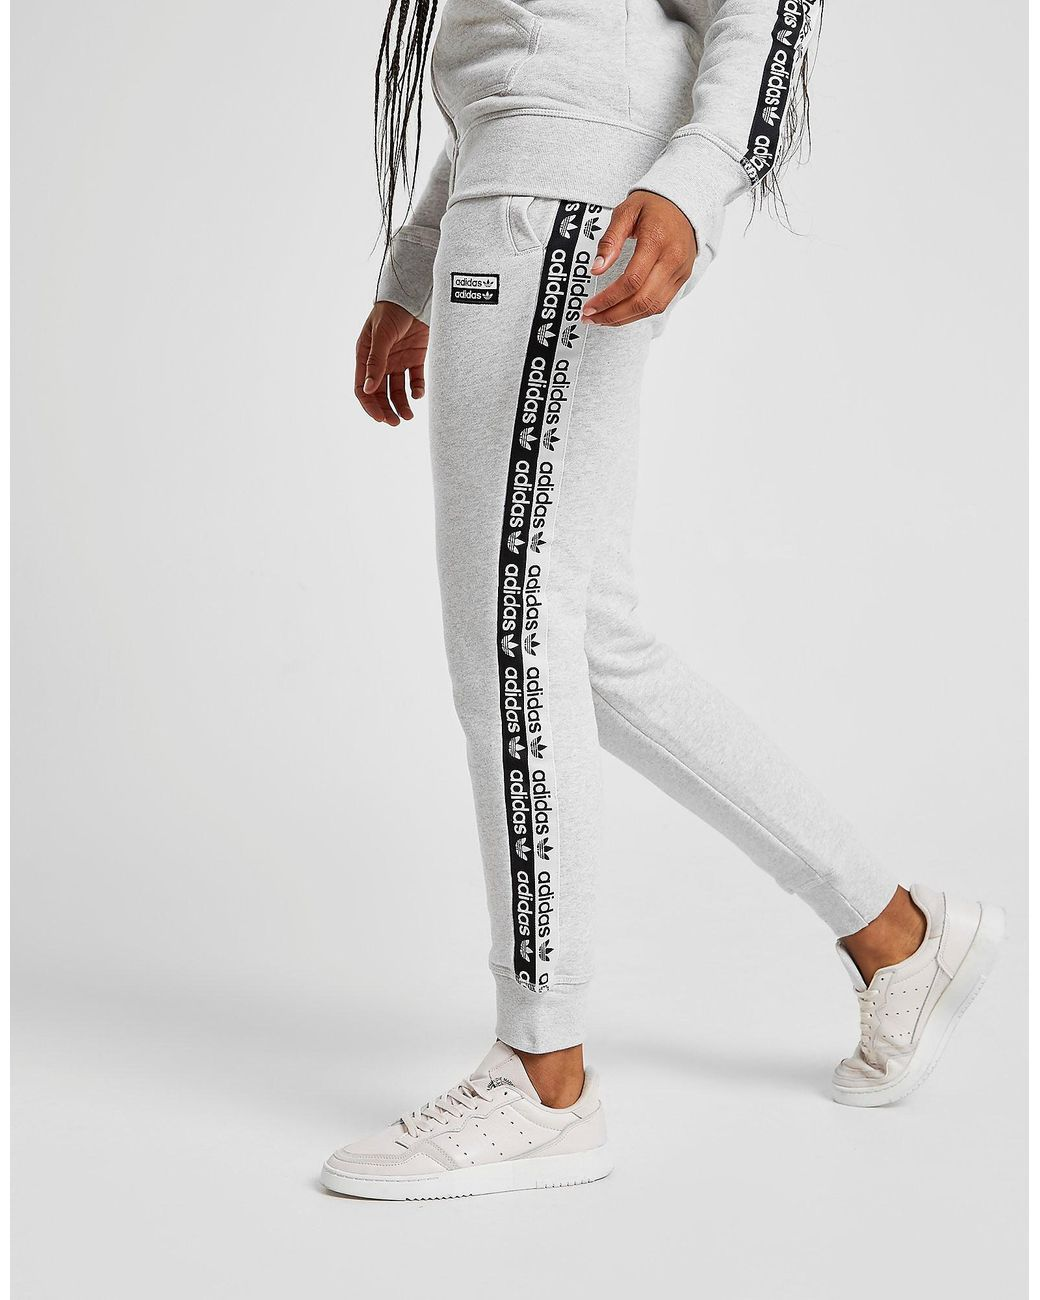 Pantalon de Survêtement Polaire Tape Femme adidas Originals